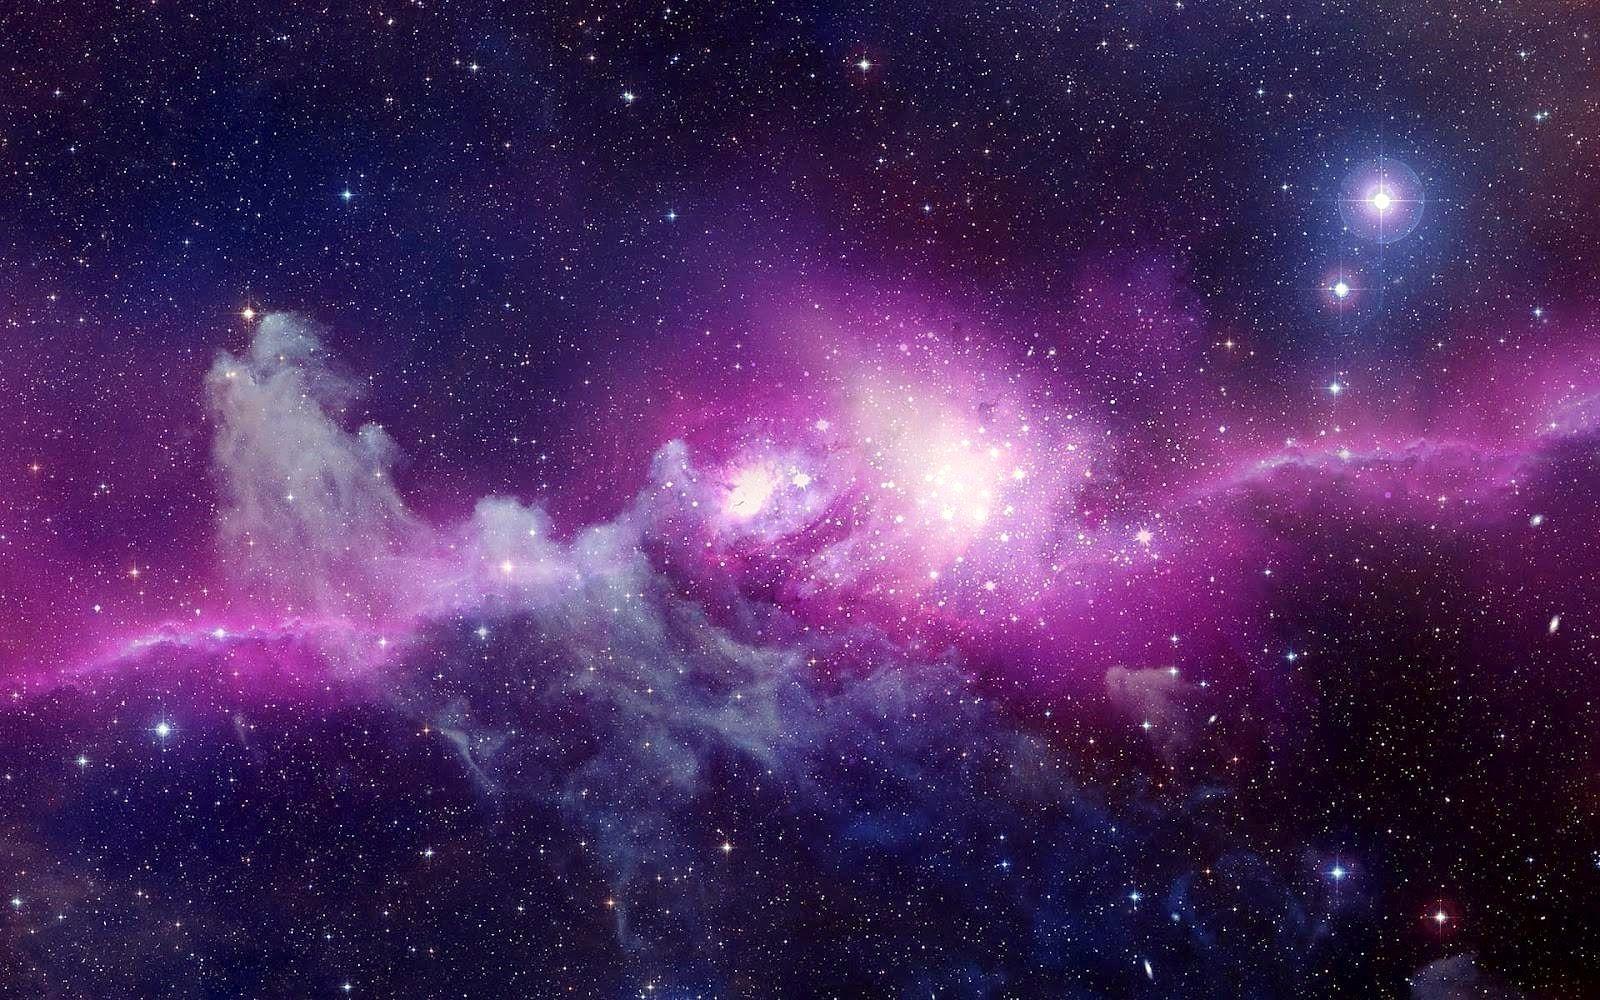 Purple Stars Galaxy Purple Stars Wallpaper Galaxy 배경화면 배경 컴퓨터 배경화면